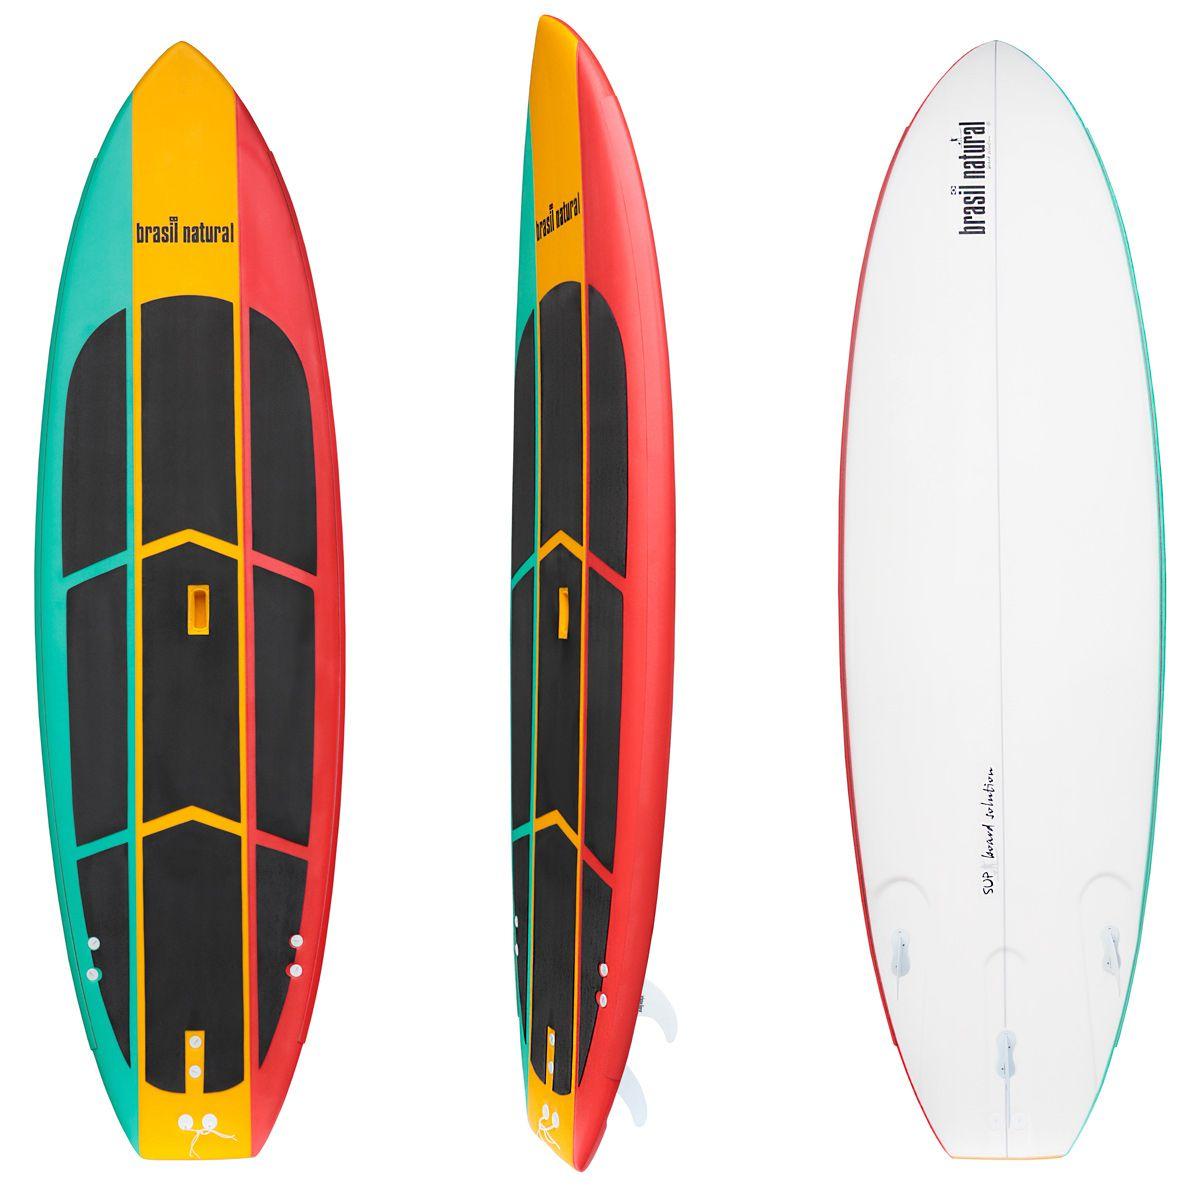 Prancha de stand up paddle 10 pés soft edição limitada + kit remada Brasil Natural